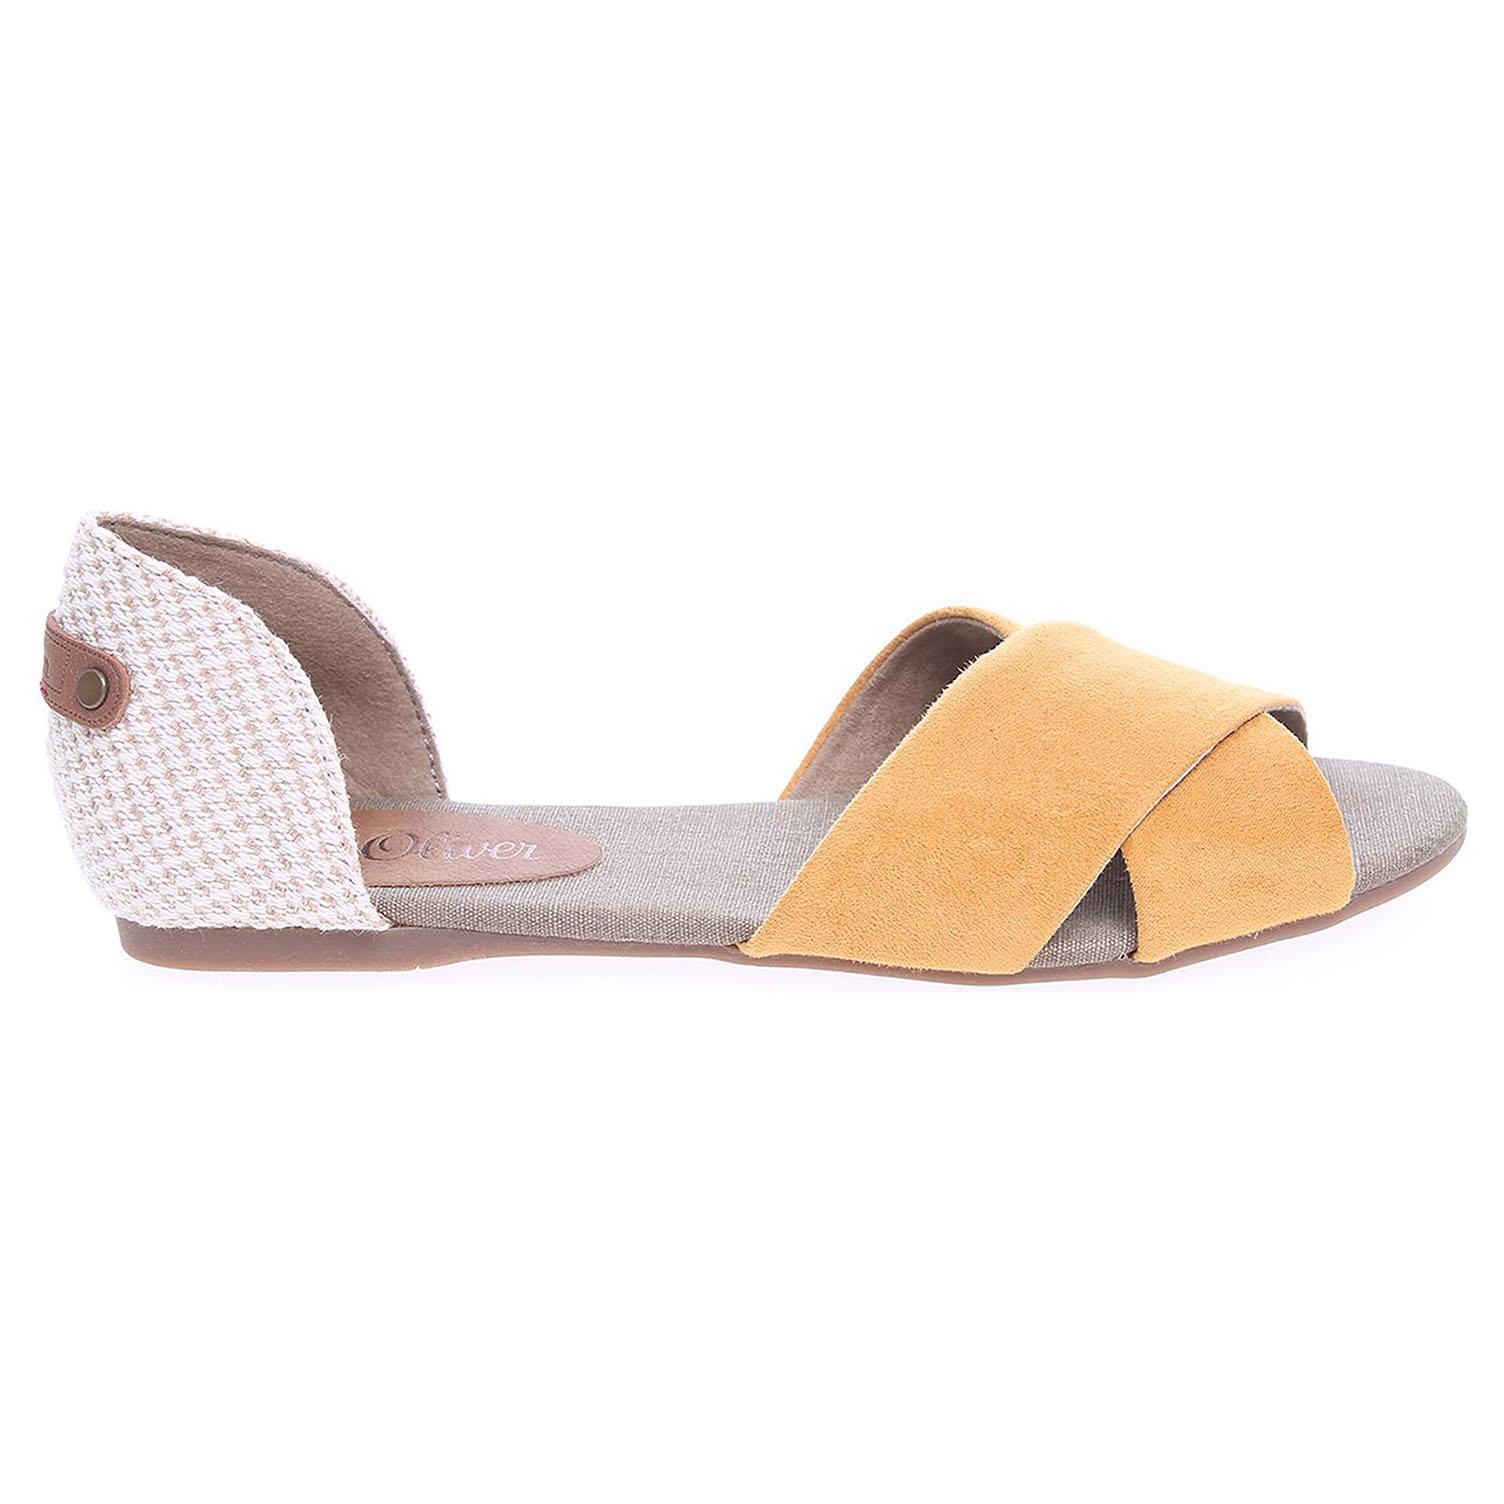 s.Oliver dámská obuv 5-28129-36 žlutá-béžová 37